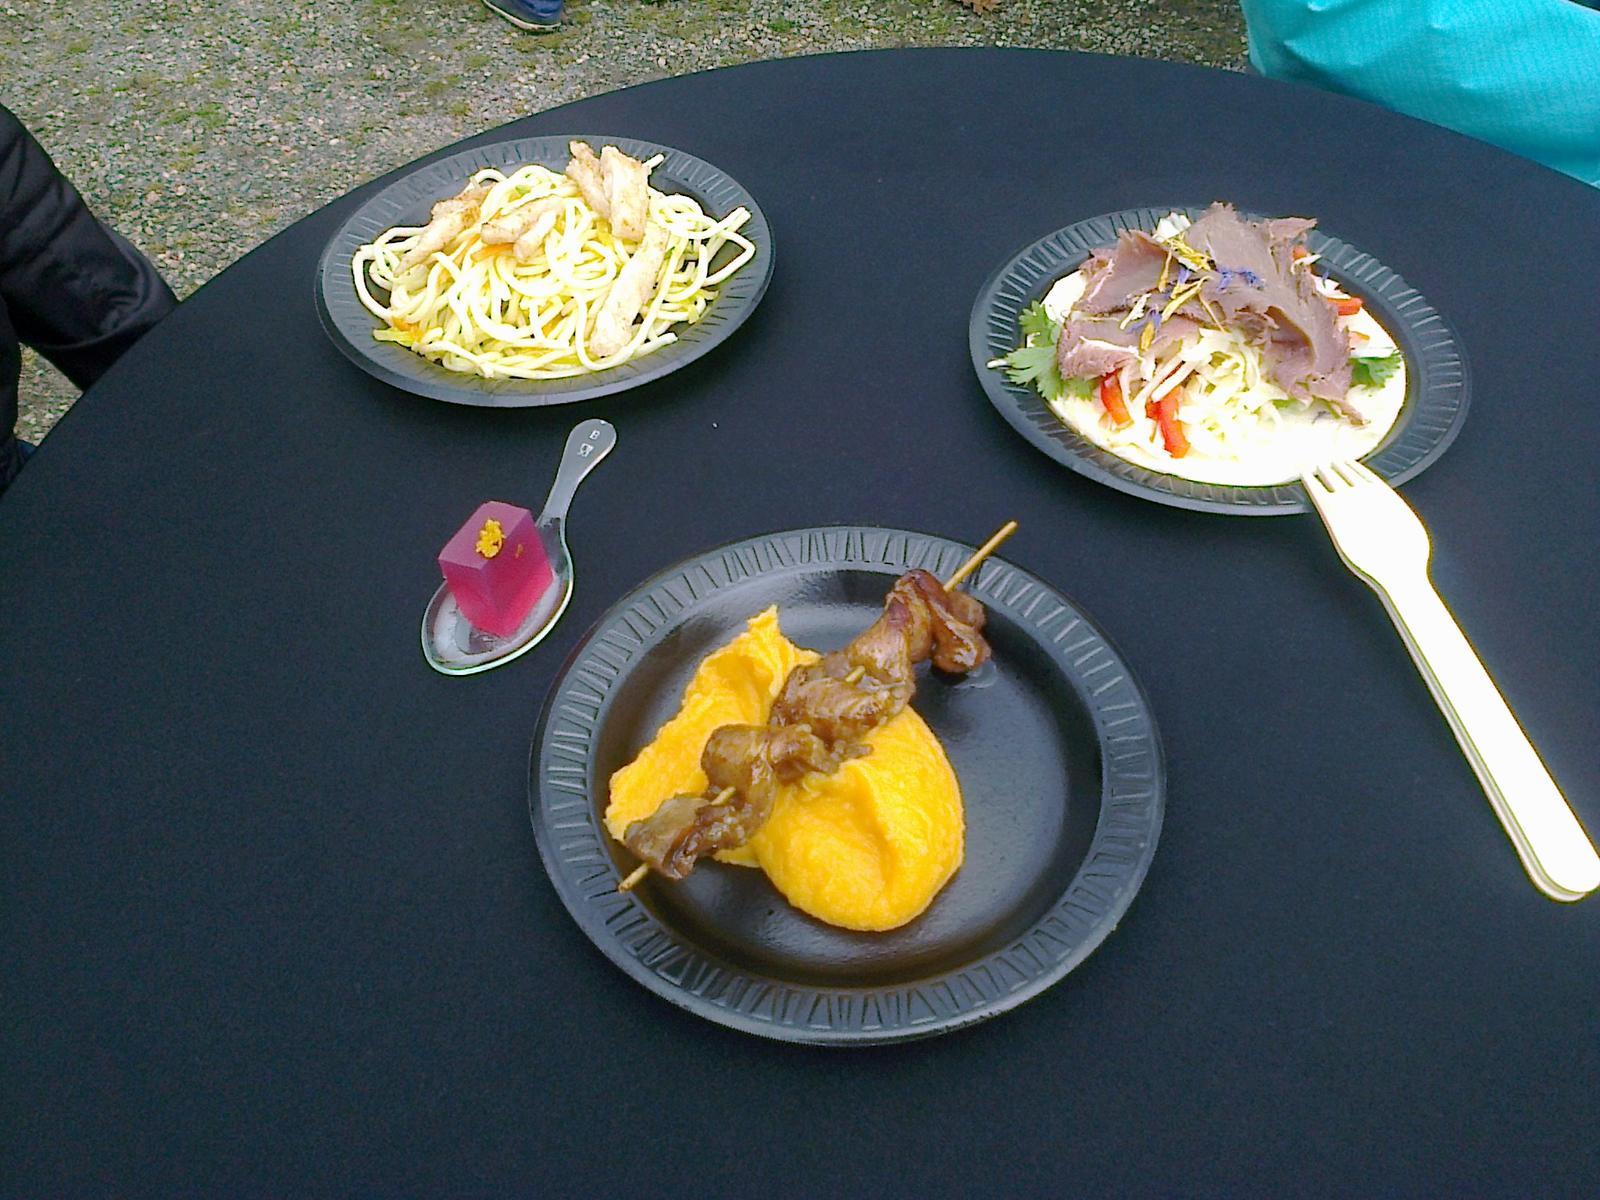 Hokus pokus v kuchyni - Dobroty z fresh festivalu, krajta na batátovém pyré, kýta ze zebry se zelným salátem na africkém chlebu, medailonky z krokodýla s nudlemi a cosmopolitan v kostce